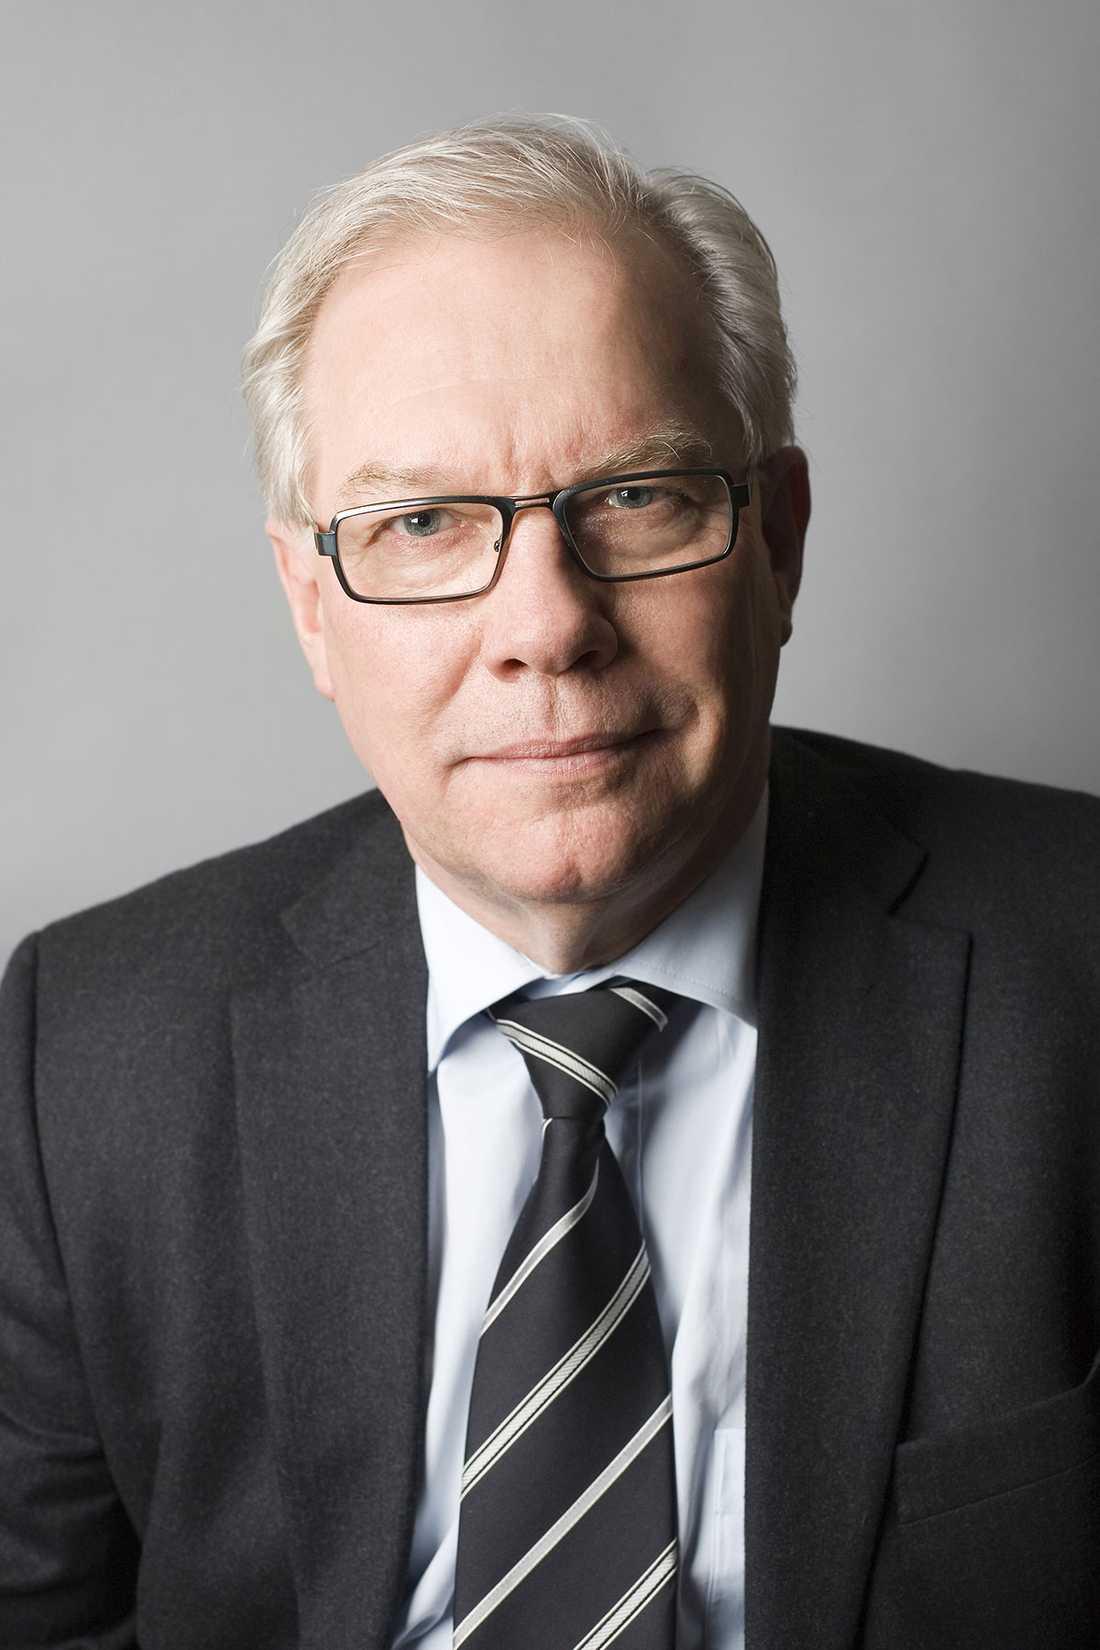 Bengt Norrving